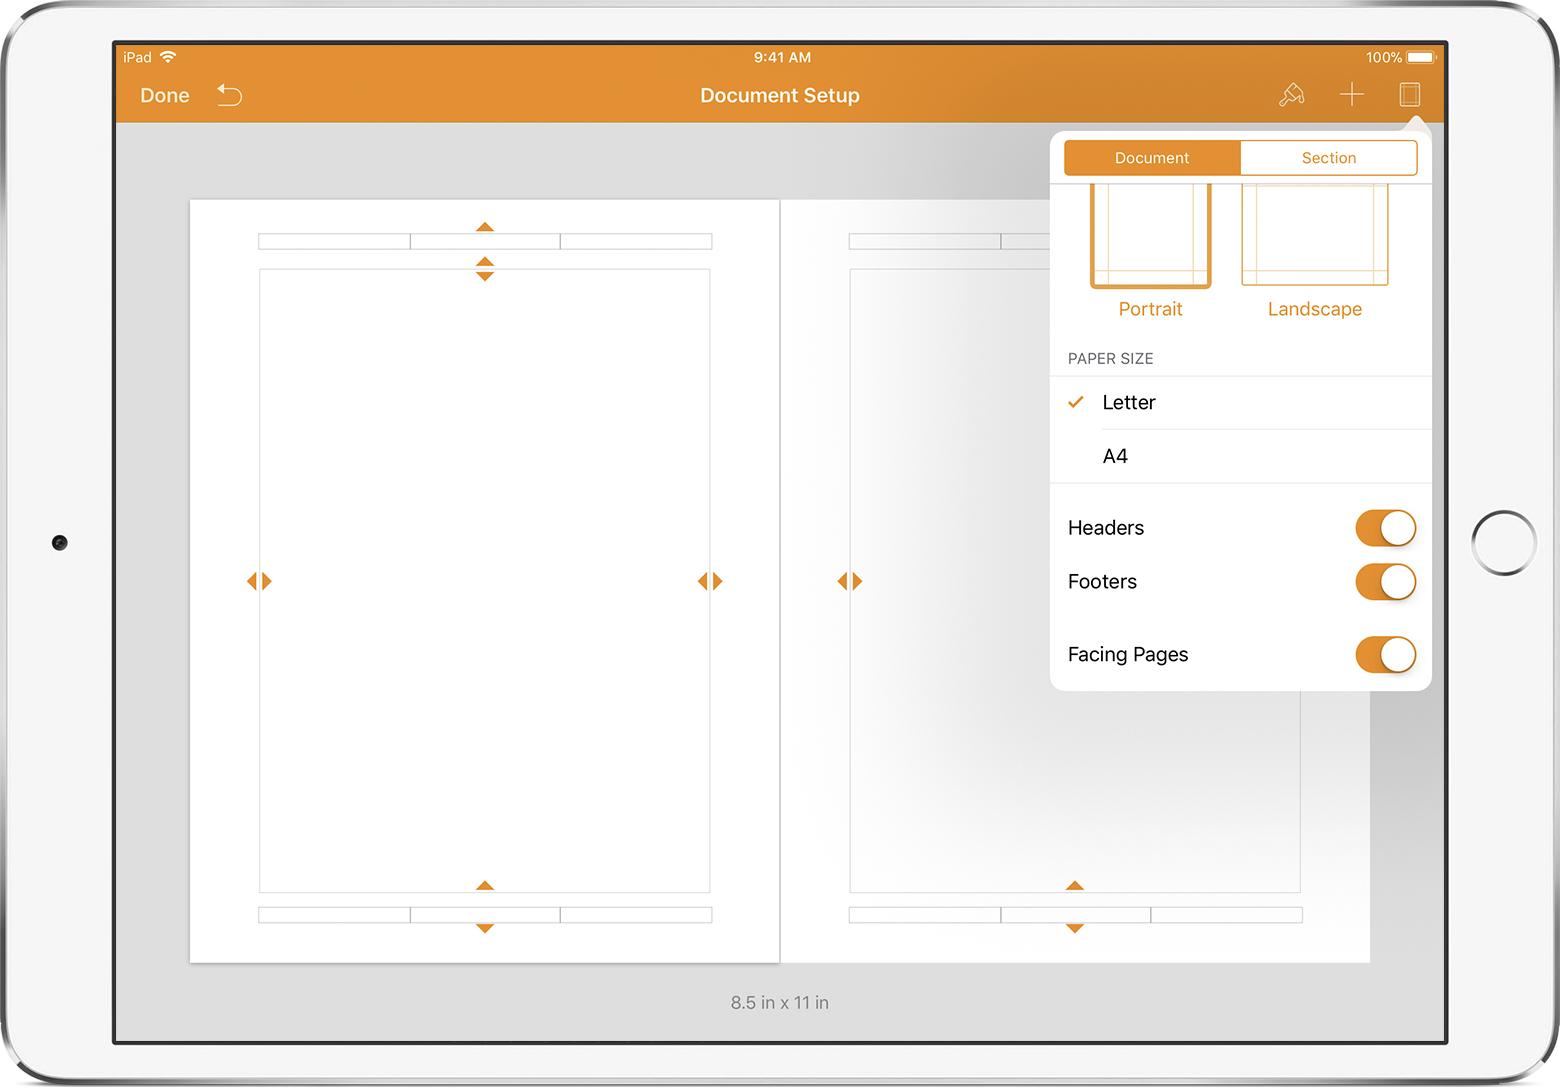 Großartig Seiten Fortführen Ipad Bilder - Beispiel Business ...